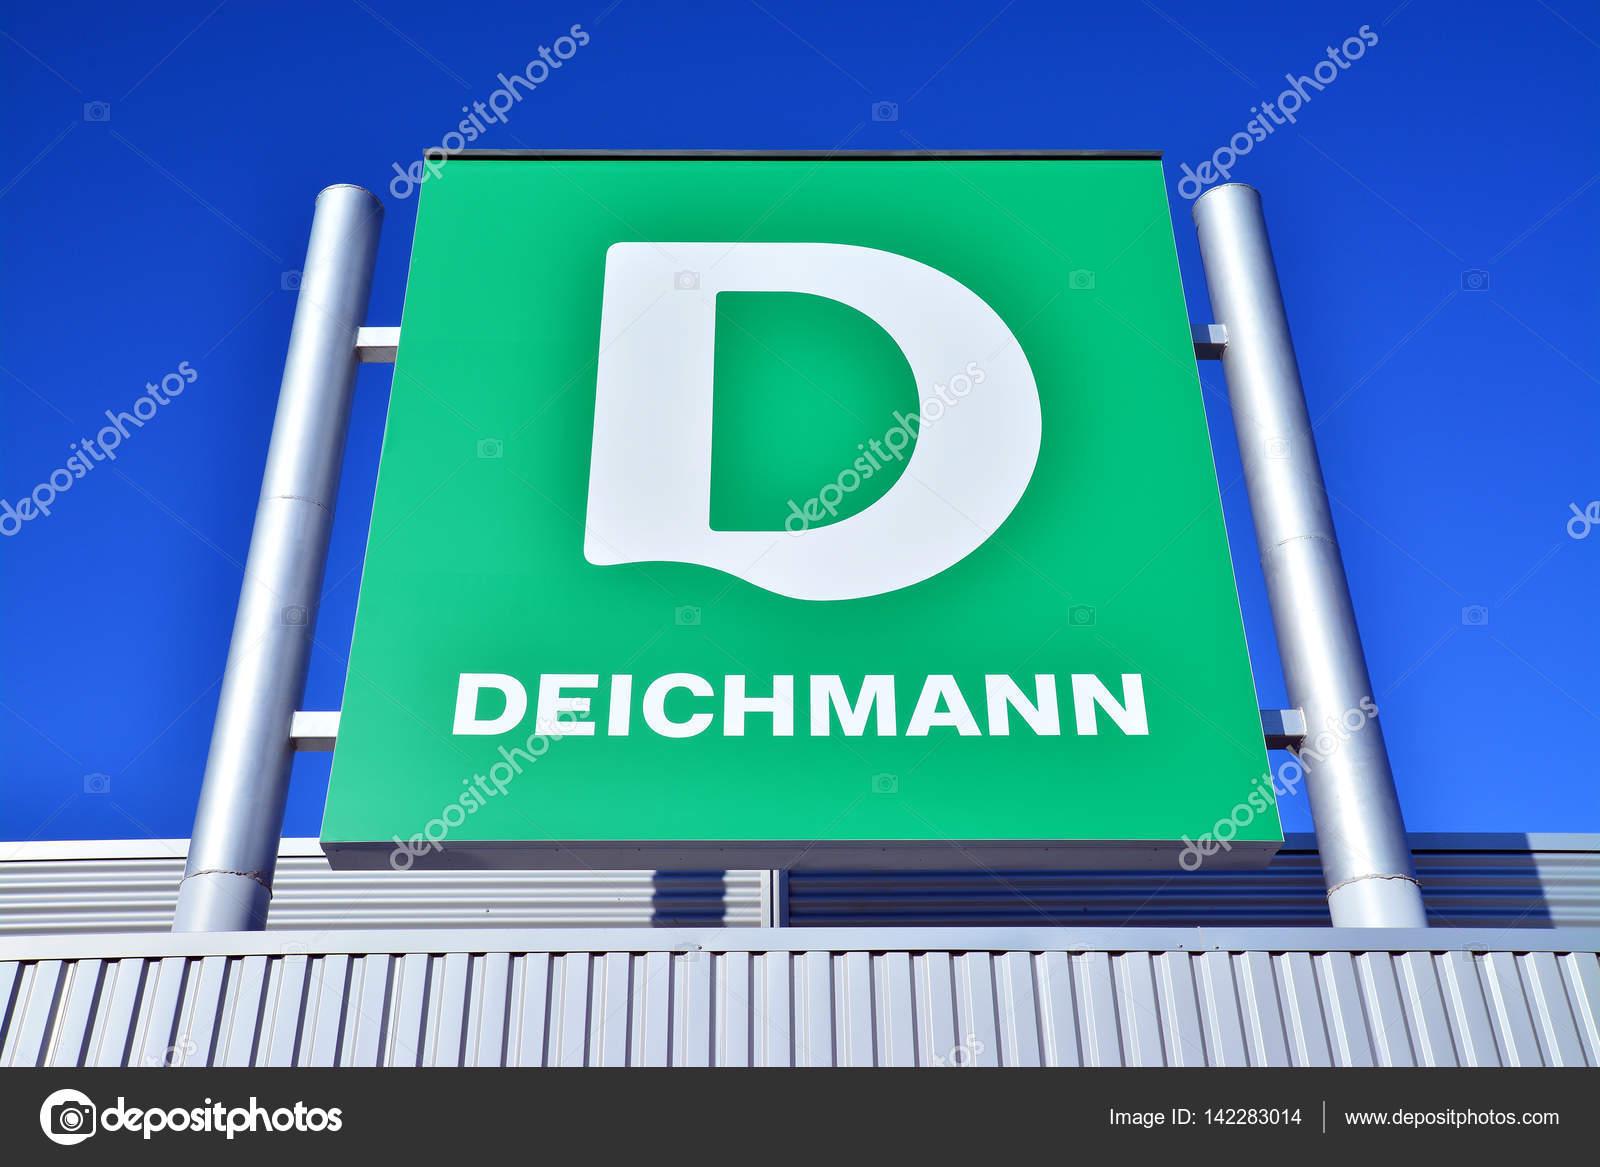 295009f9f Deichmann é uma empresa alemã de varejo de calçados e roupas esportivas.  Foto tirada em 22 de novembro de 2013 — Foto de ibogdan